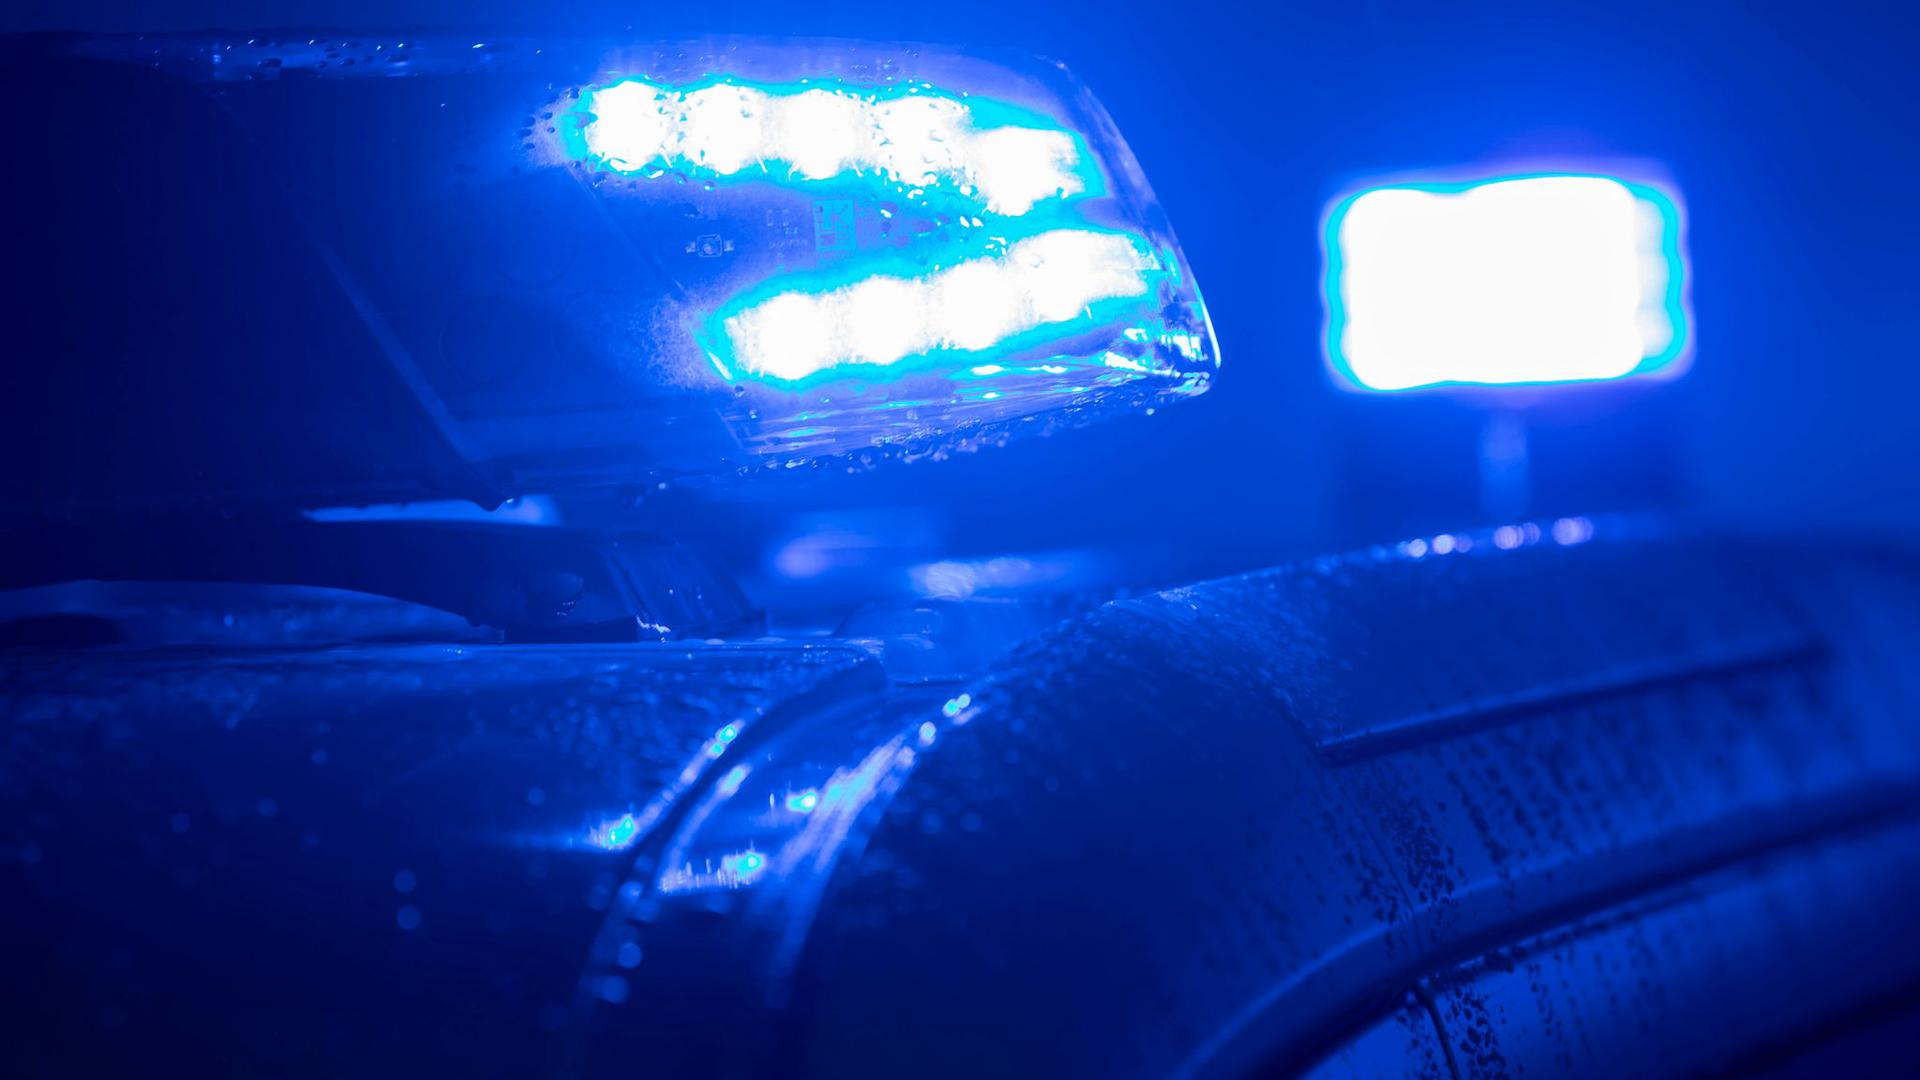 Blaulichter leuchten auf einem Streifenwagen der Polizei.